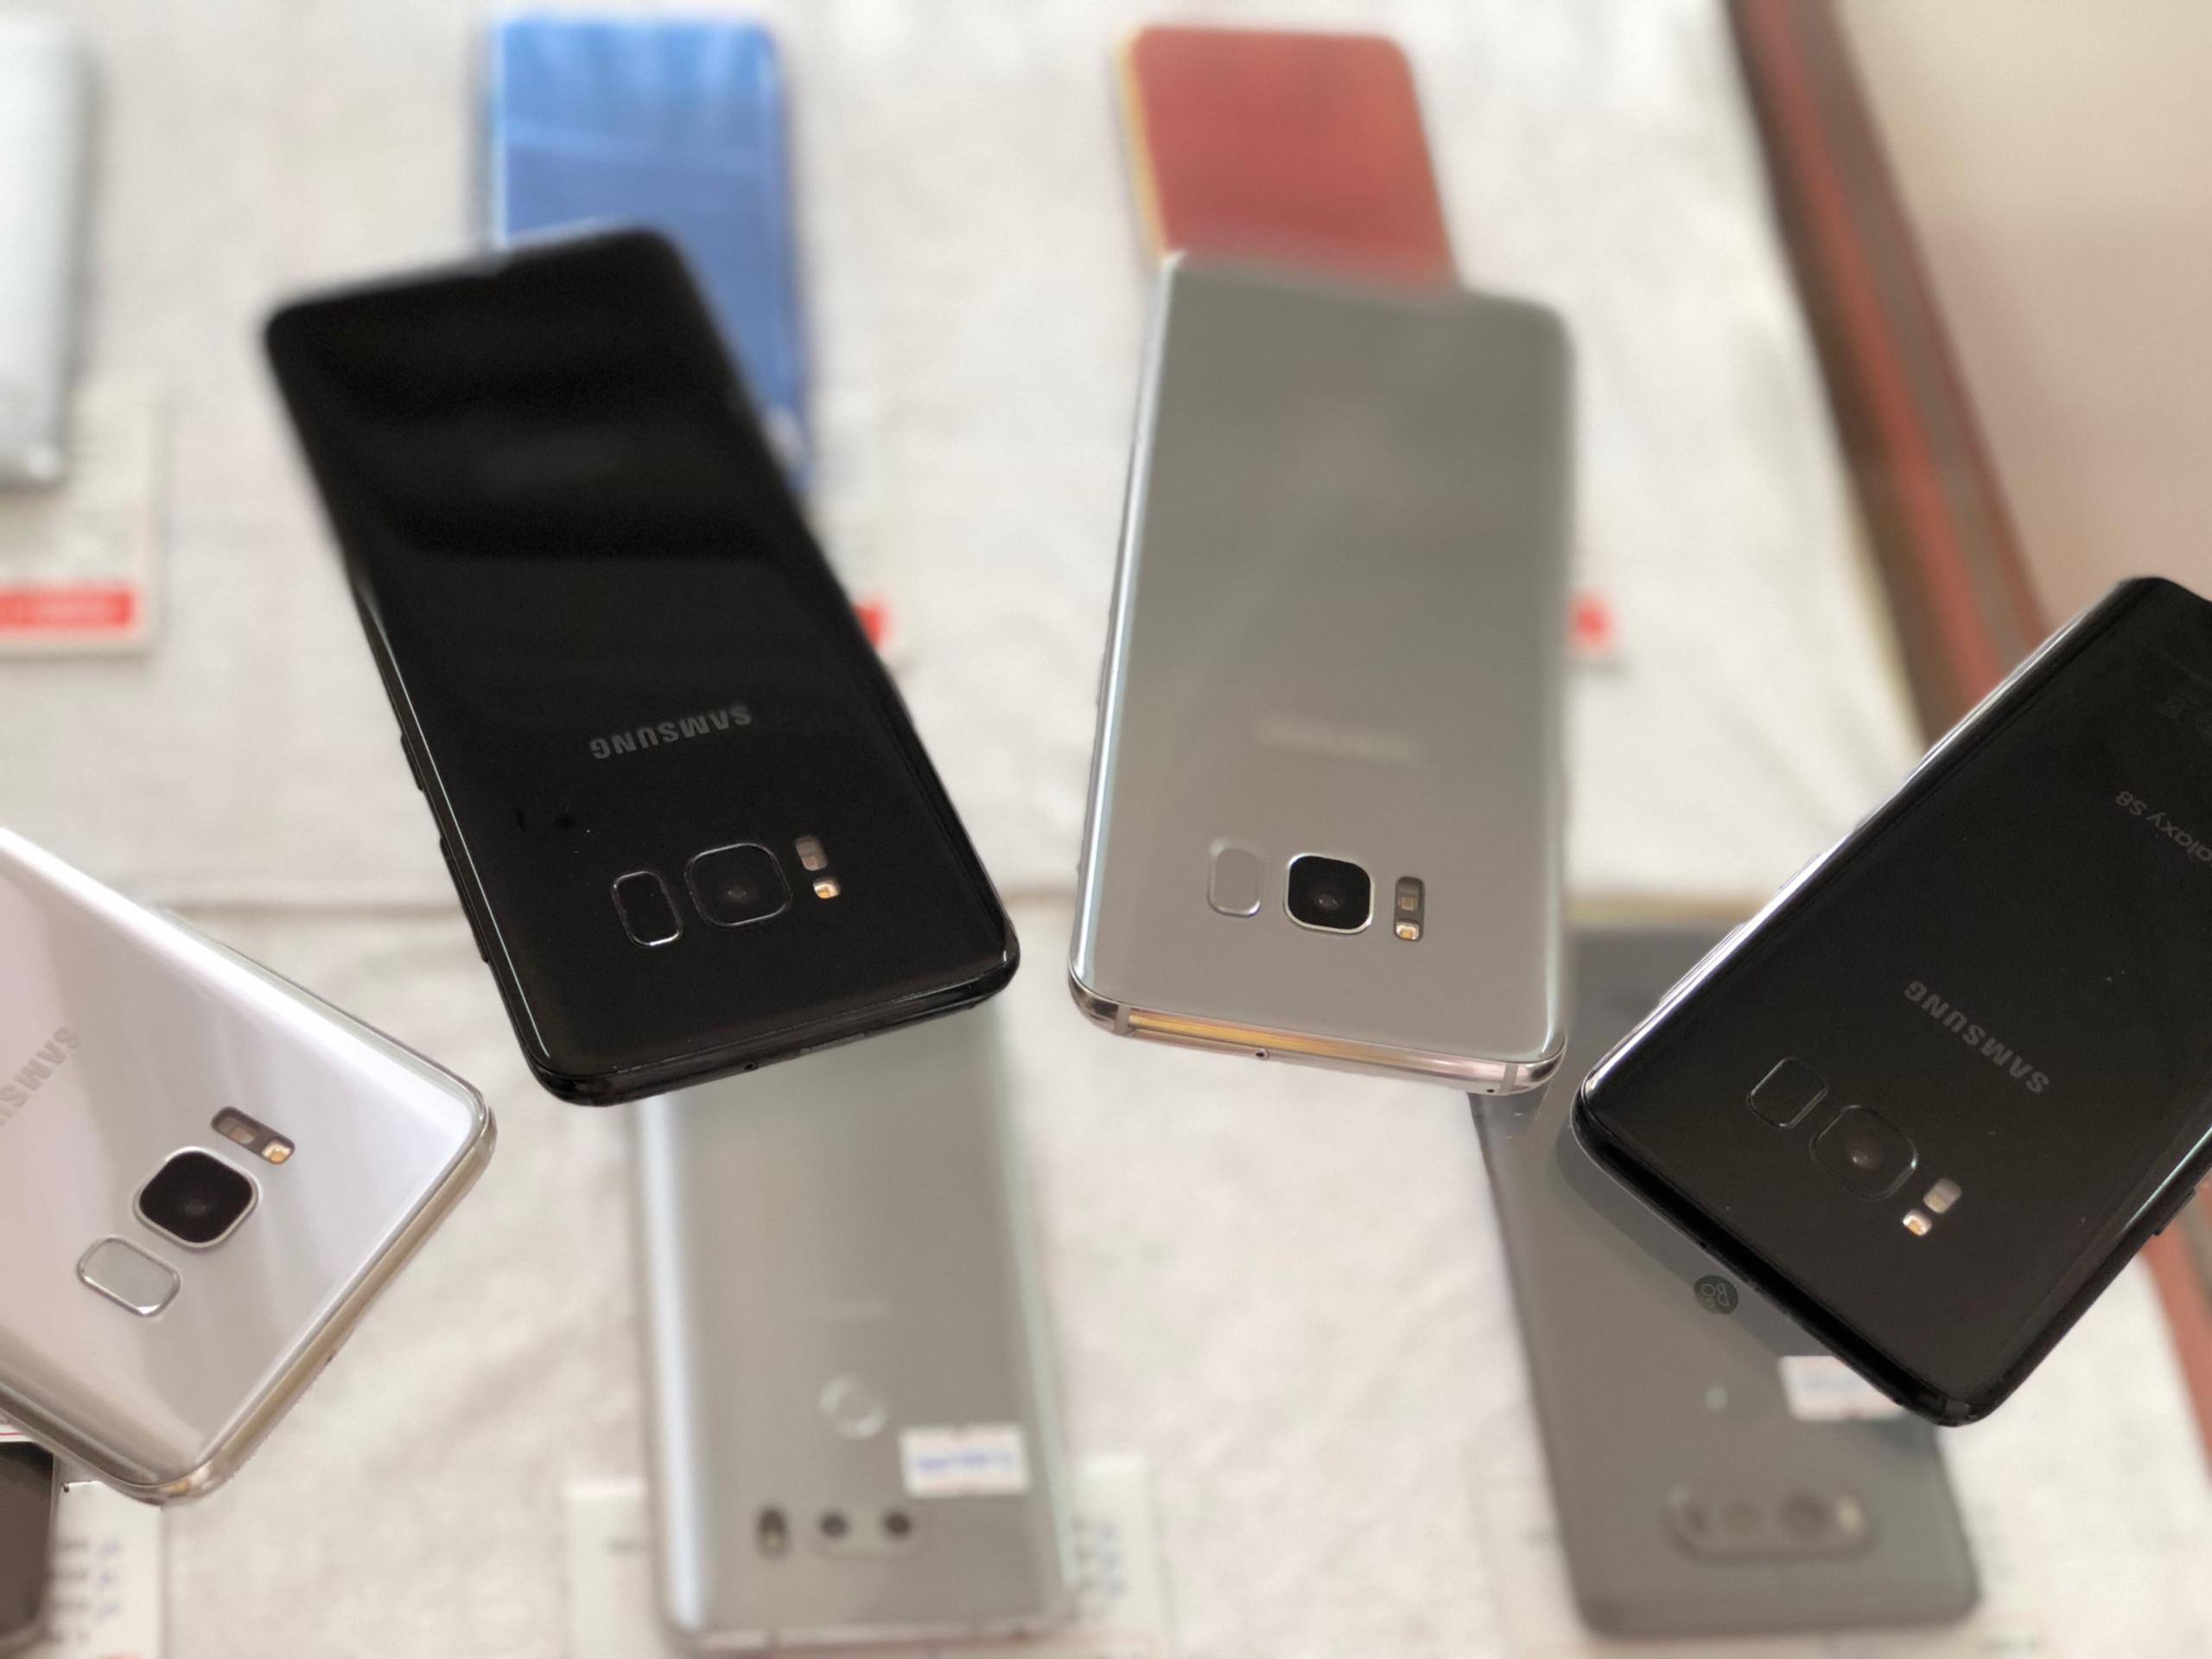 2 Samsung Galaxy S8 QUỐC TẾ giá cực tốt bảo hành 12 tháng chỉ có tại THINHMOBILE